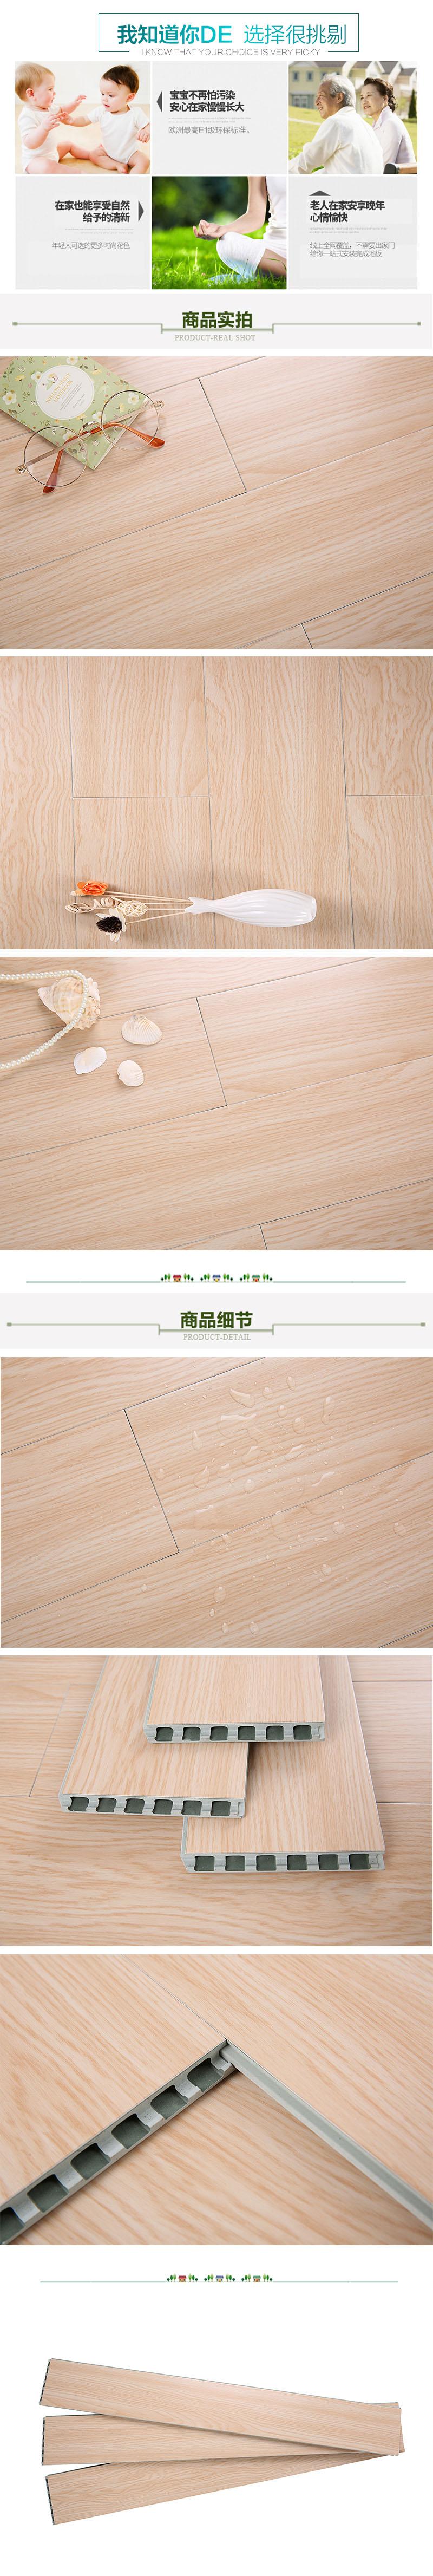 GJ05-05.jpg